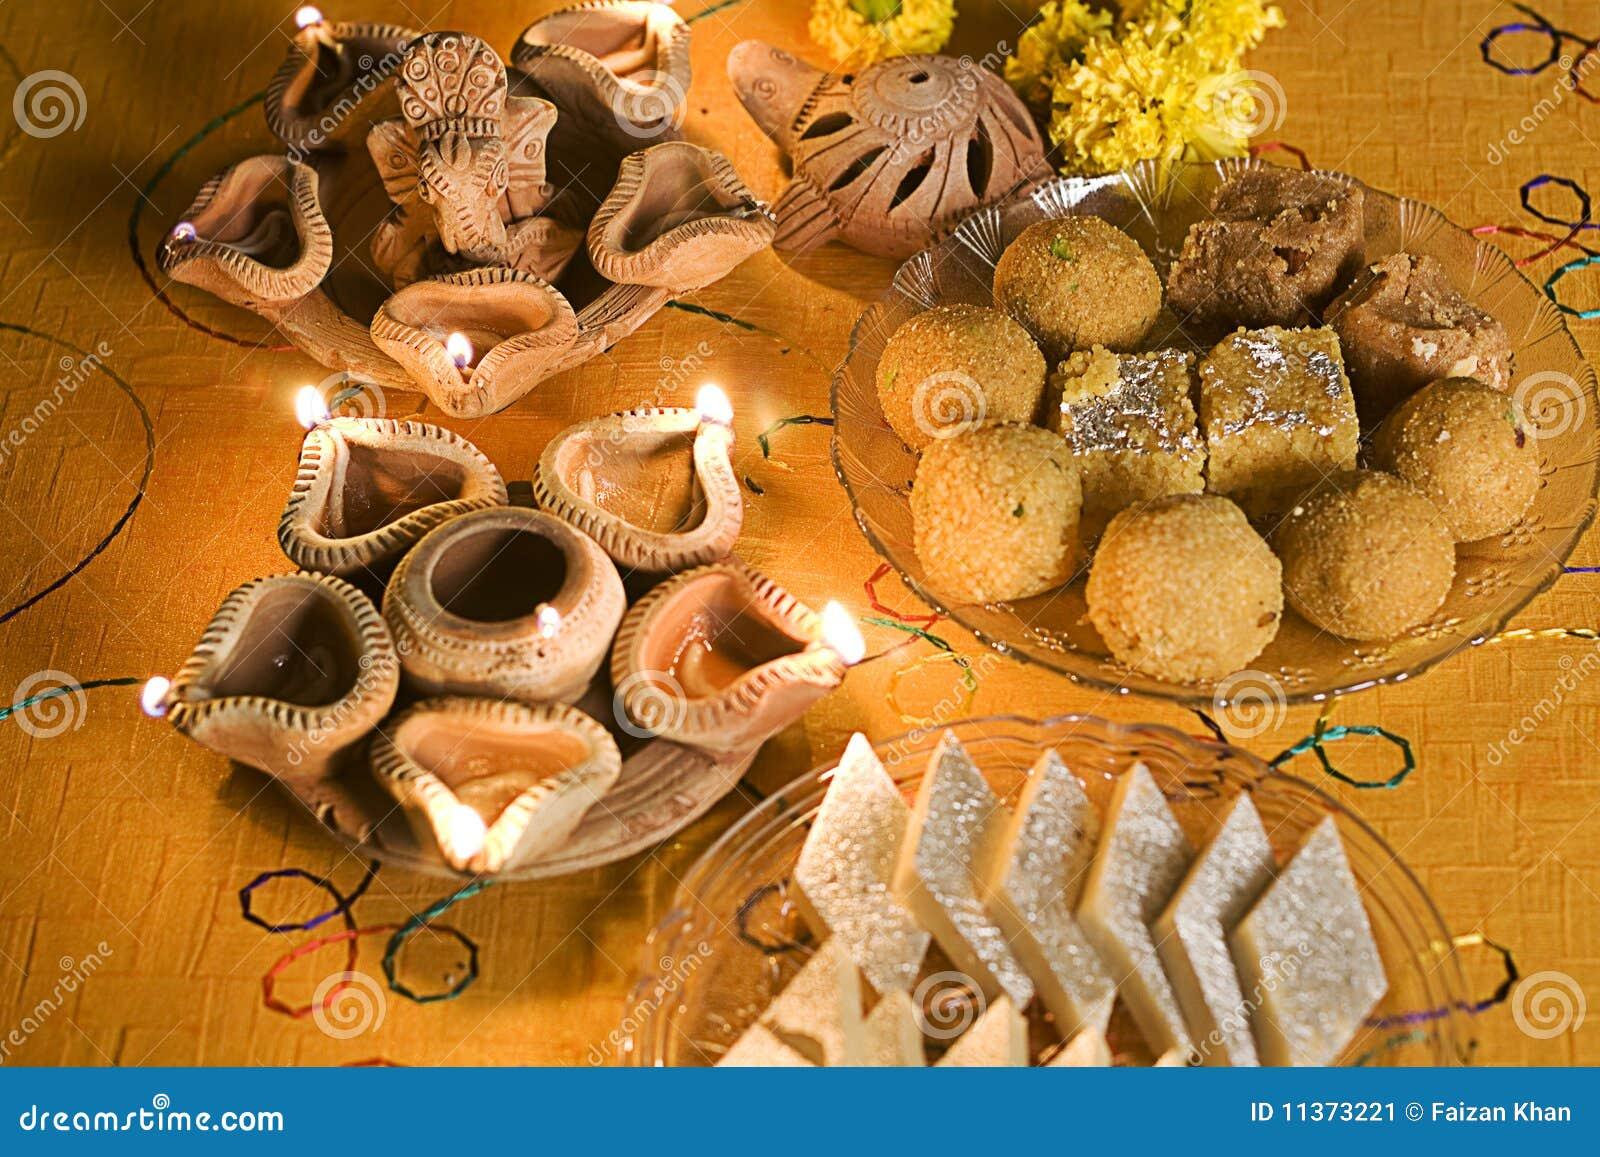 Lámparas de Diwali con los dulces indios (mithai)